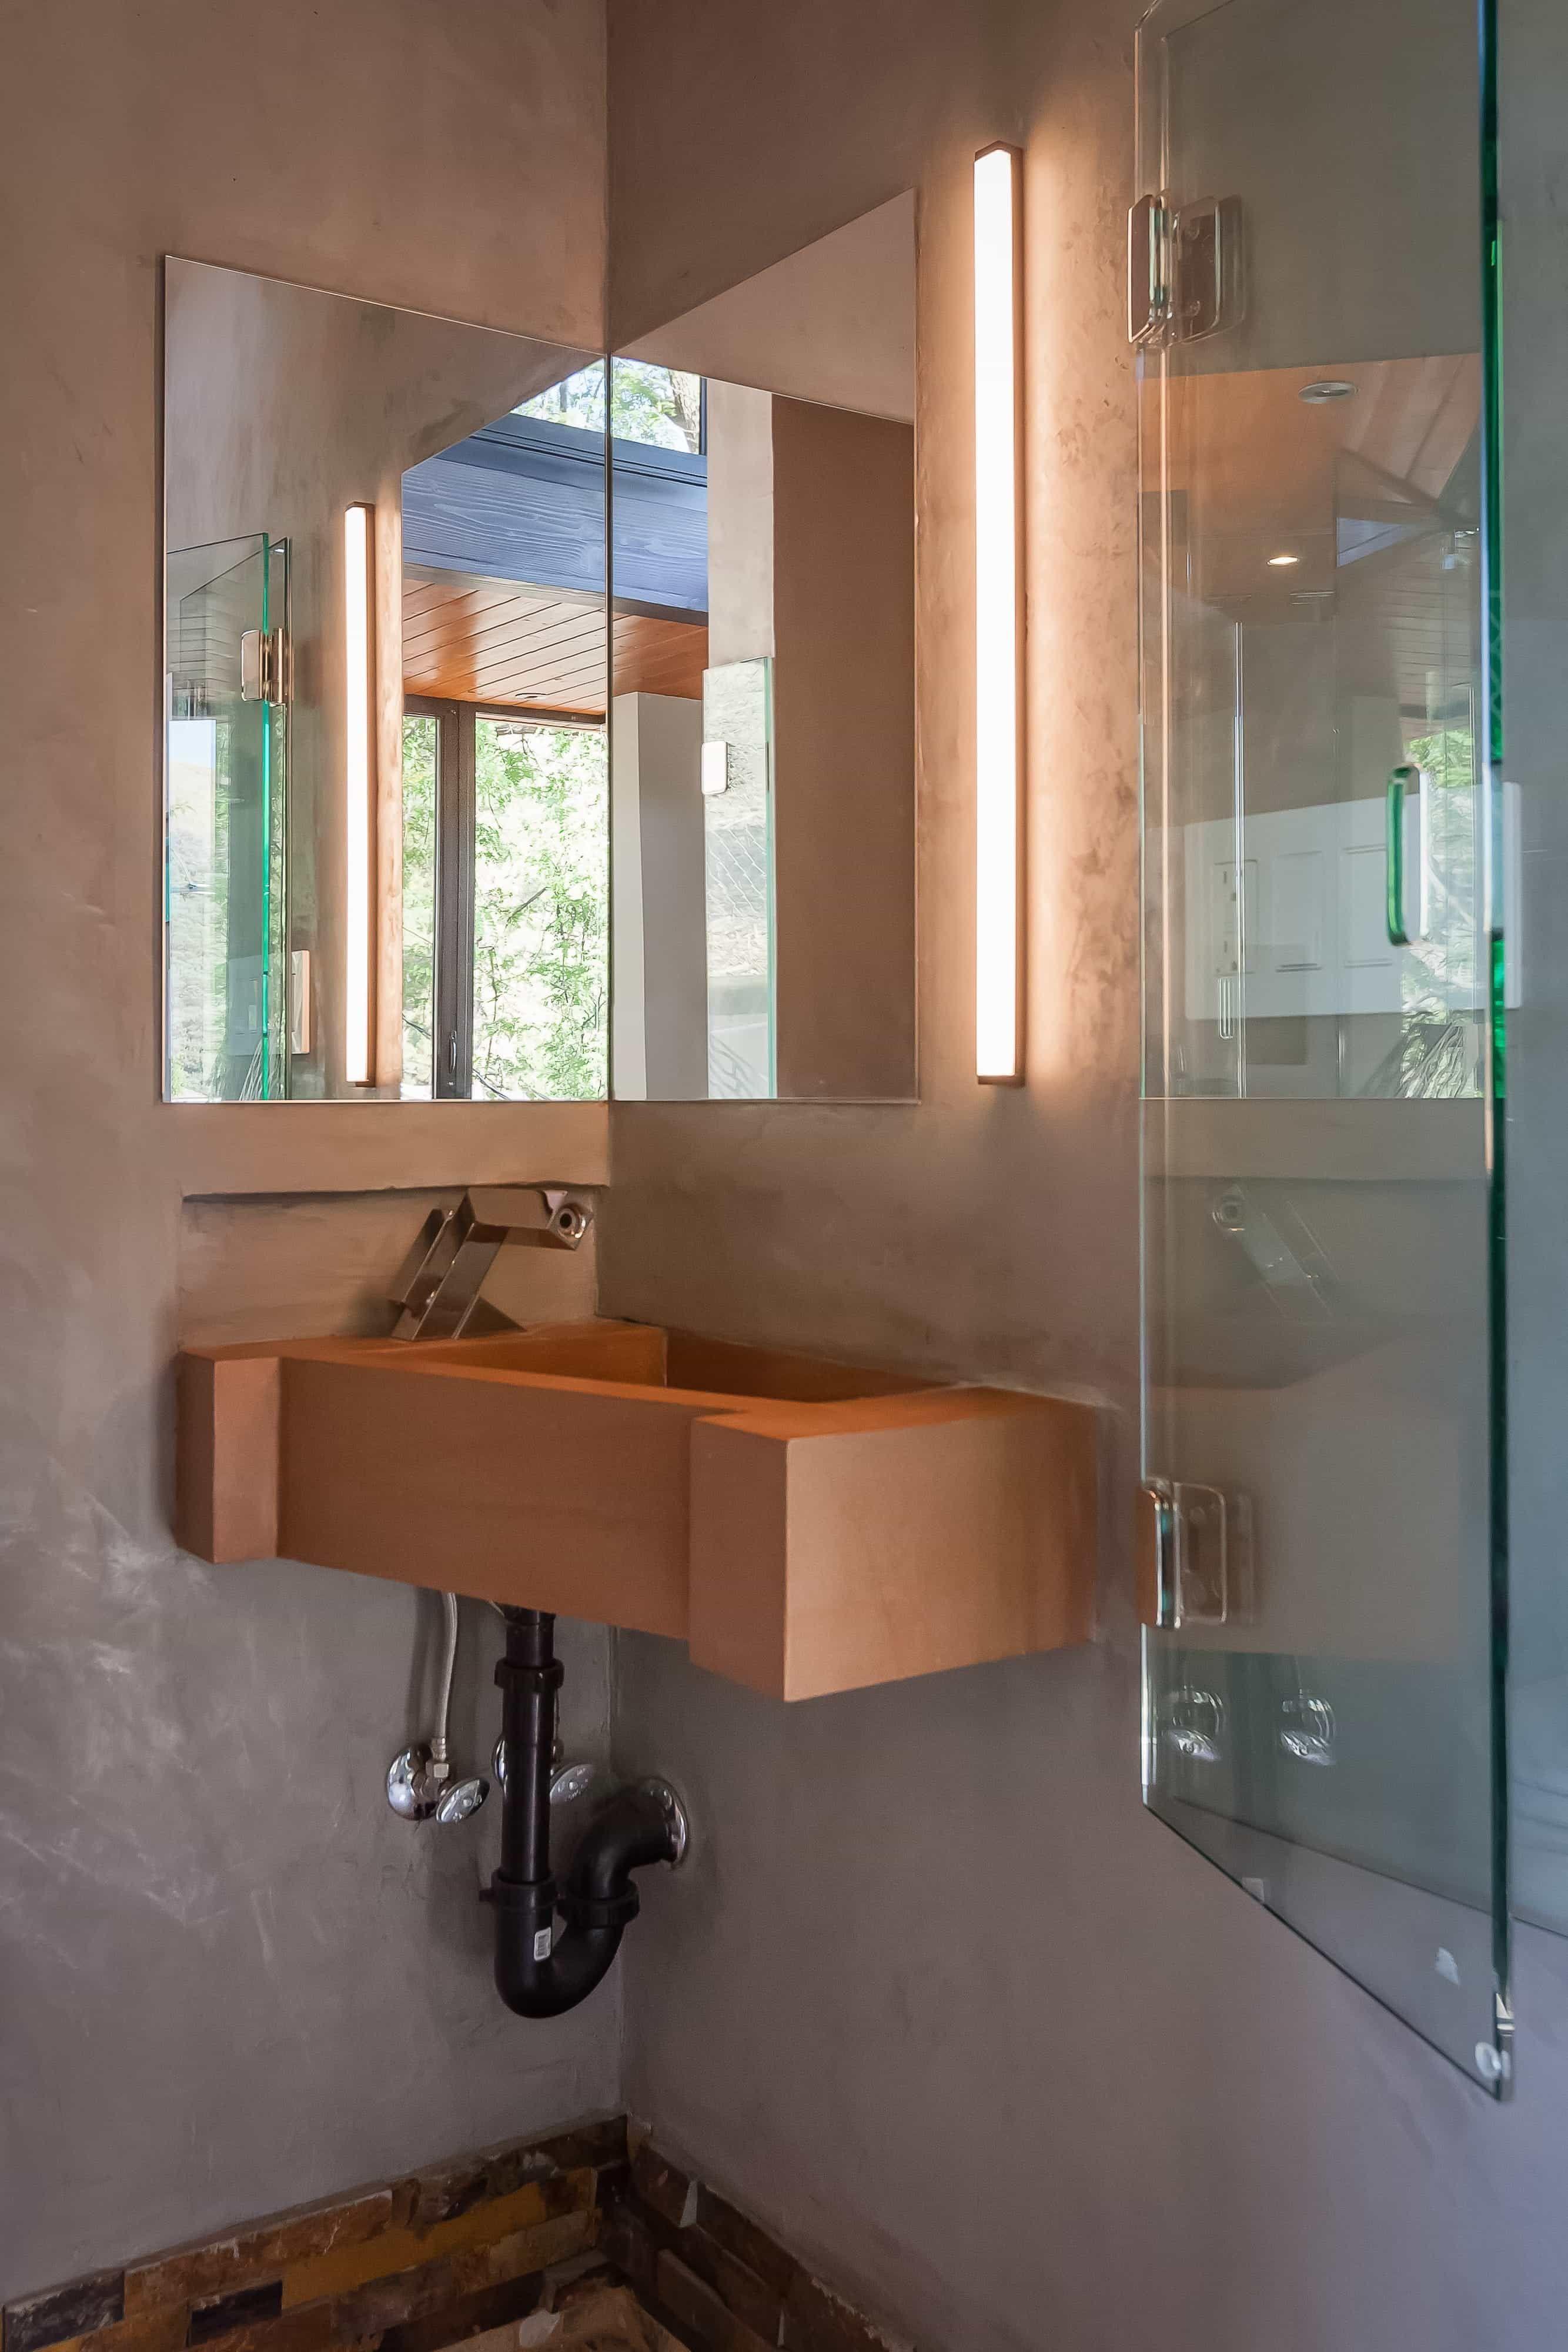 Elegant Die Gute Und Perfekte Eck Waschtisch Fr Badezimmer Dekor With Eck  Waschtische Mit